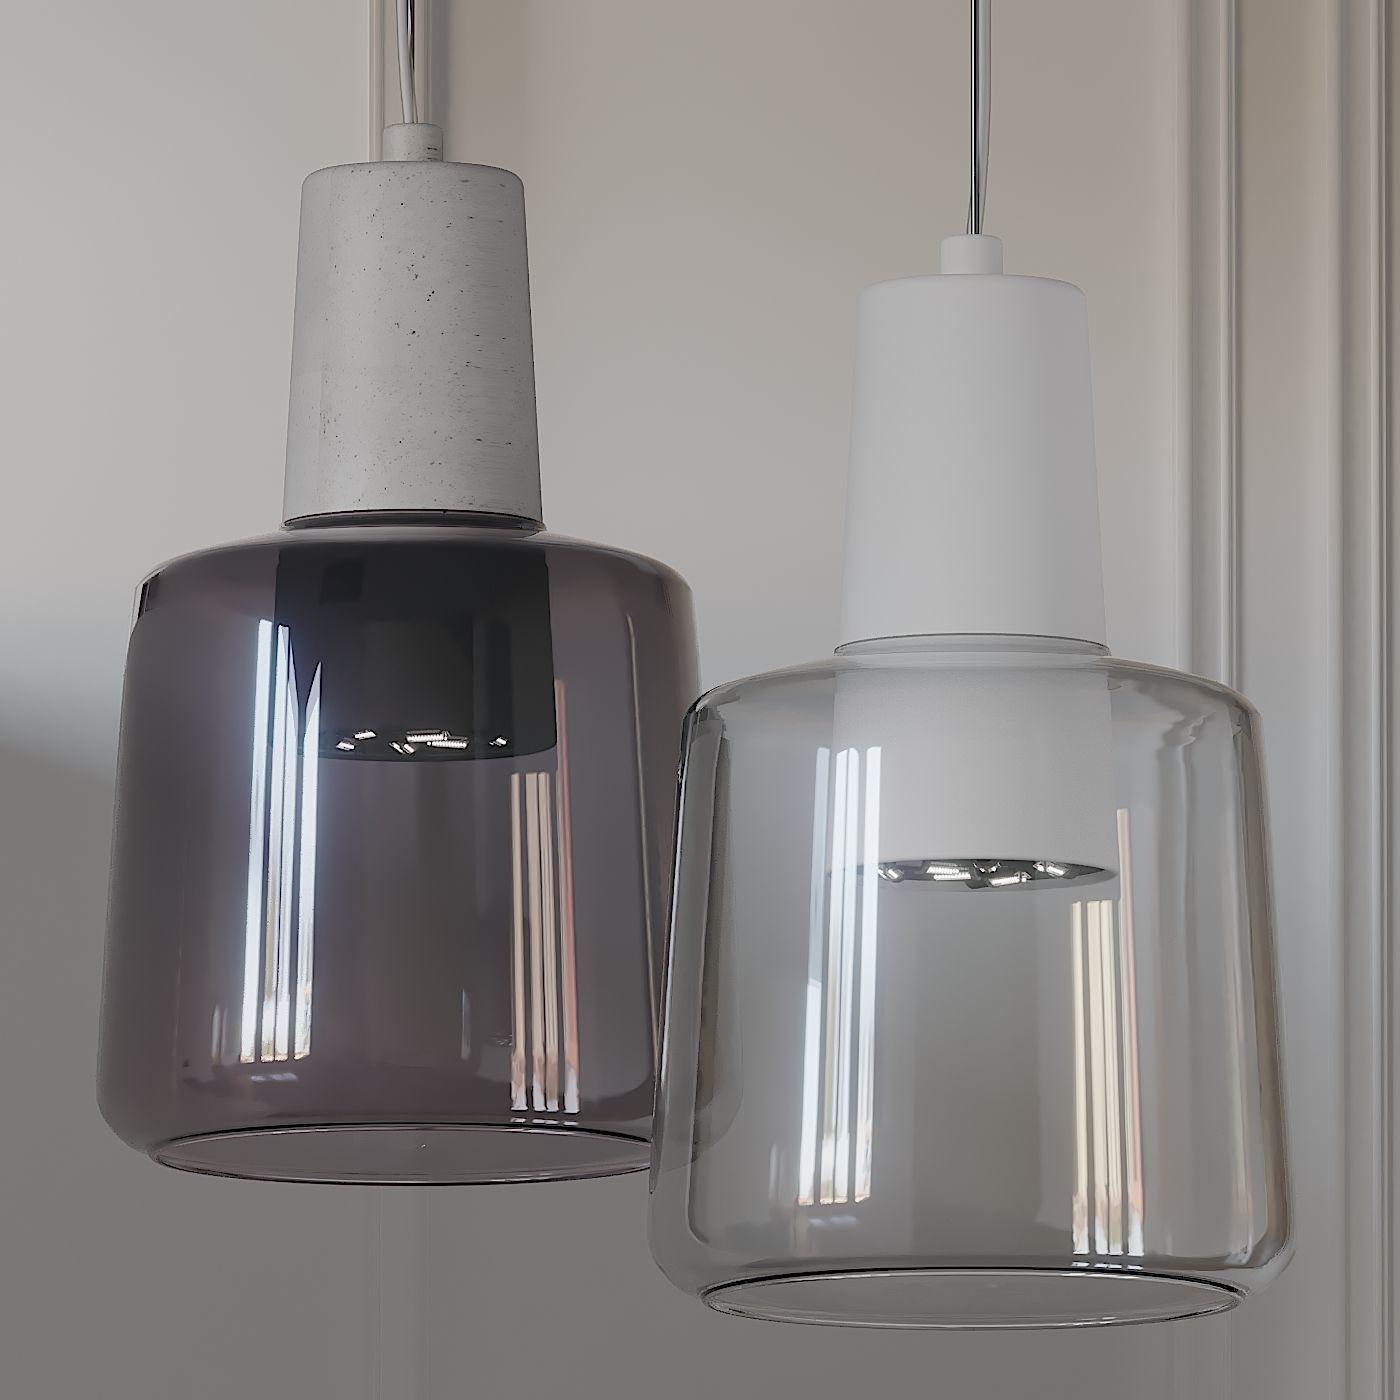 samson led mini pendant light by kuzco lighting 3d model